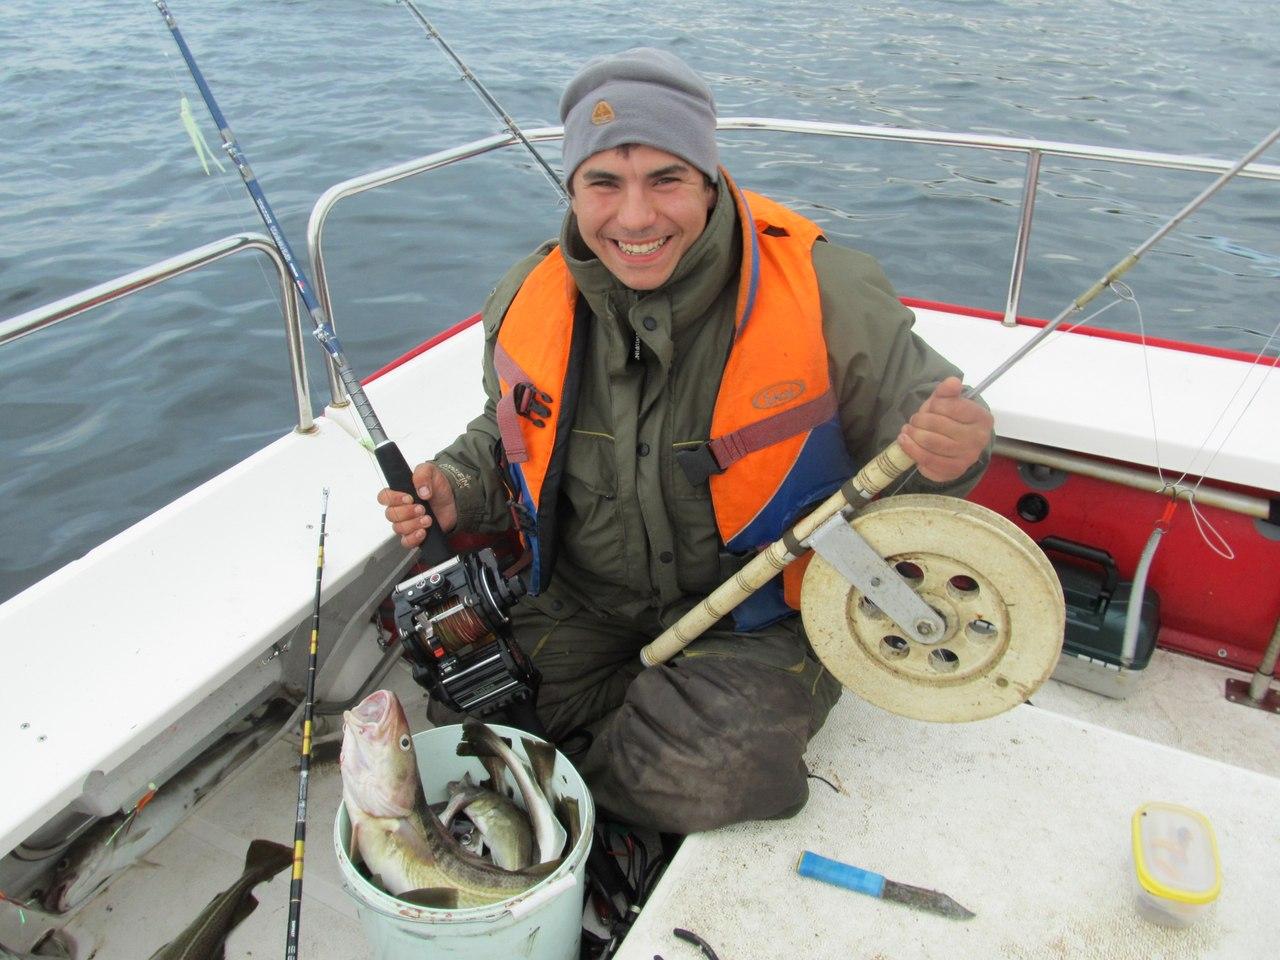 снасти для рыбалки в астрахани весной